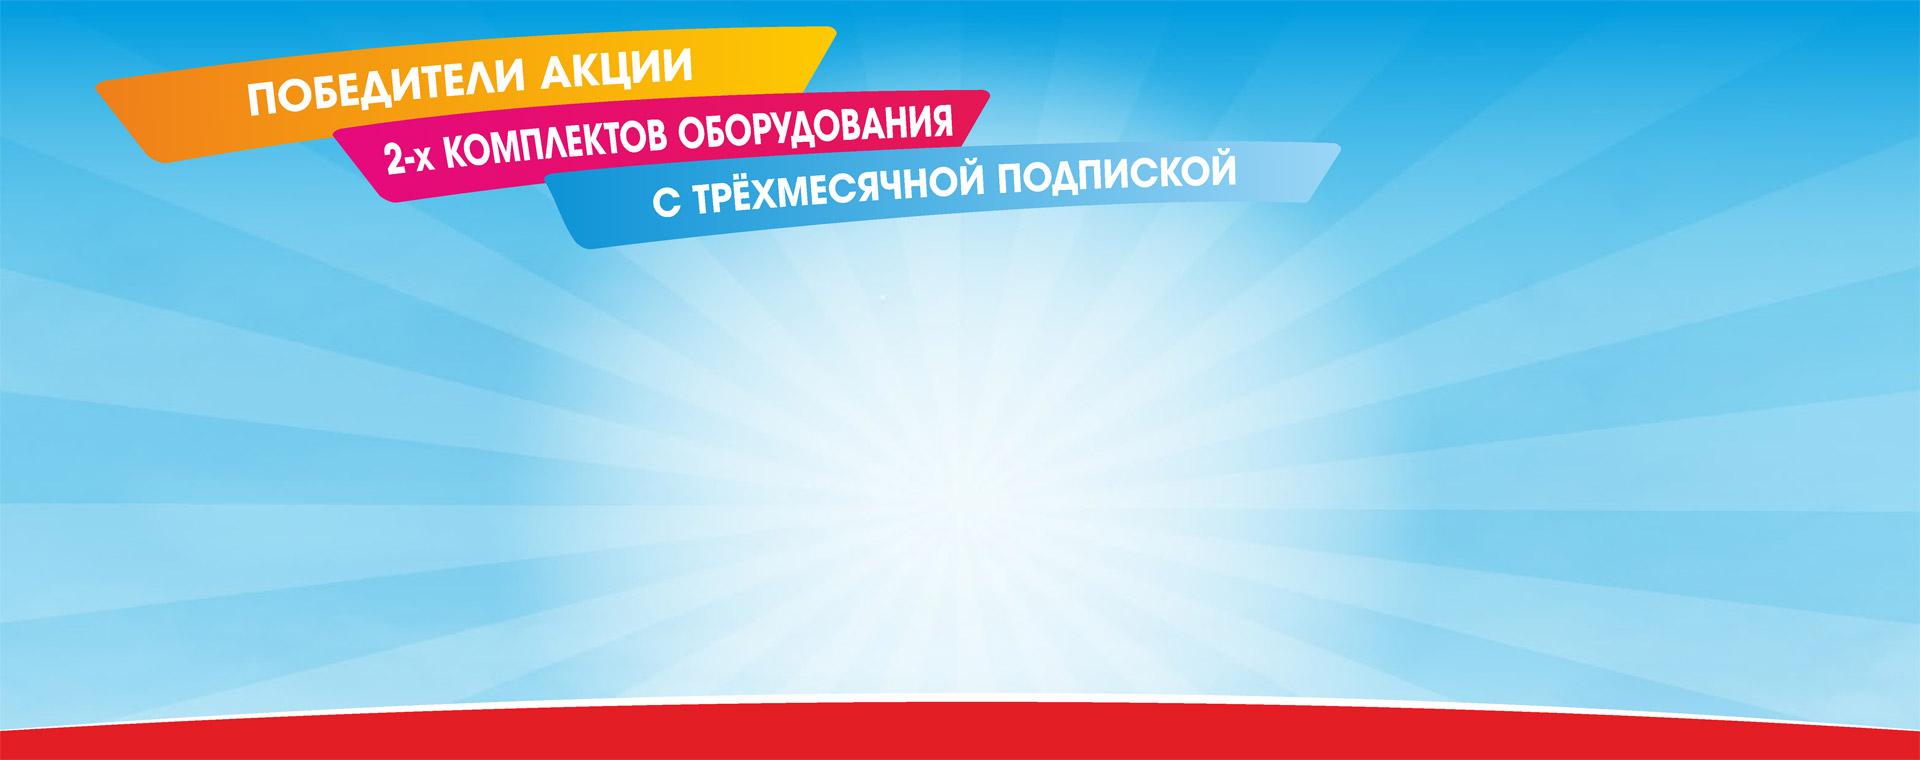 bg-ru